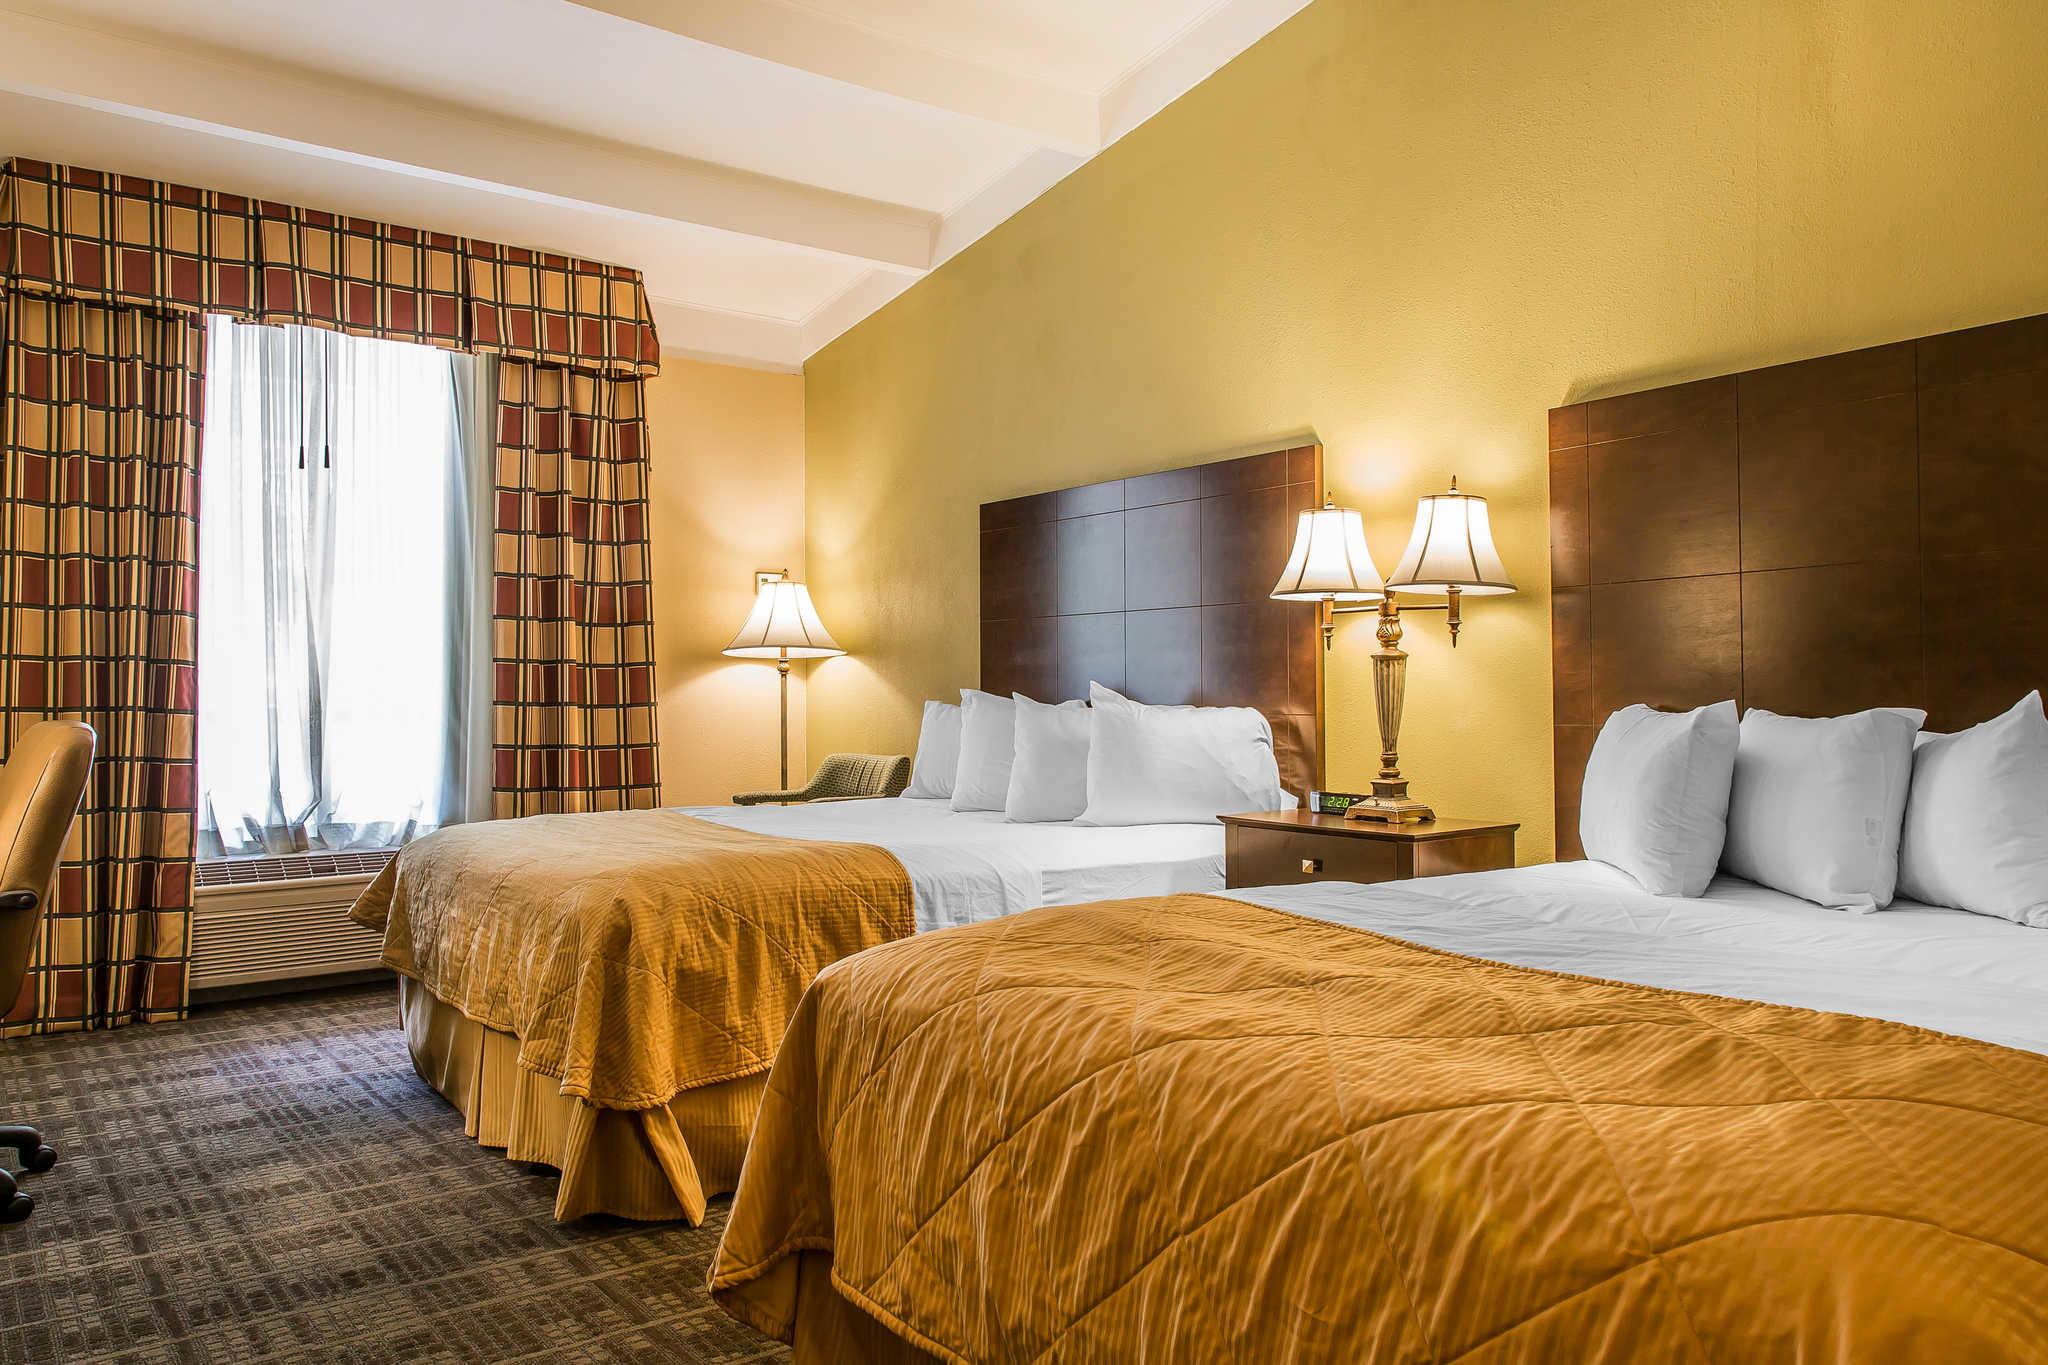 Hotels Hamden Ct Area